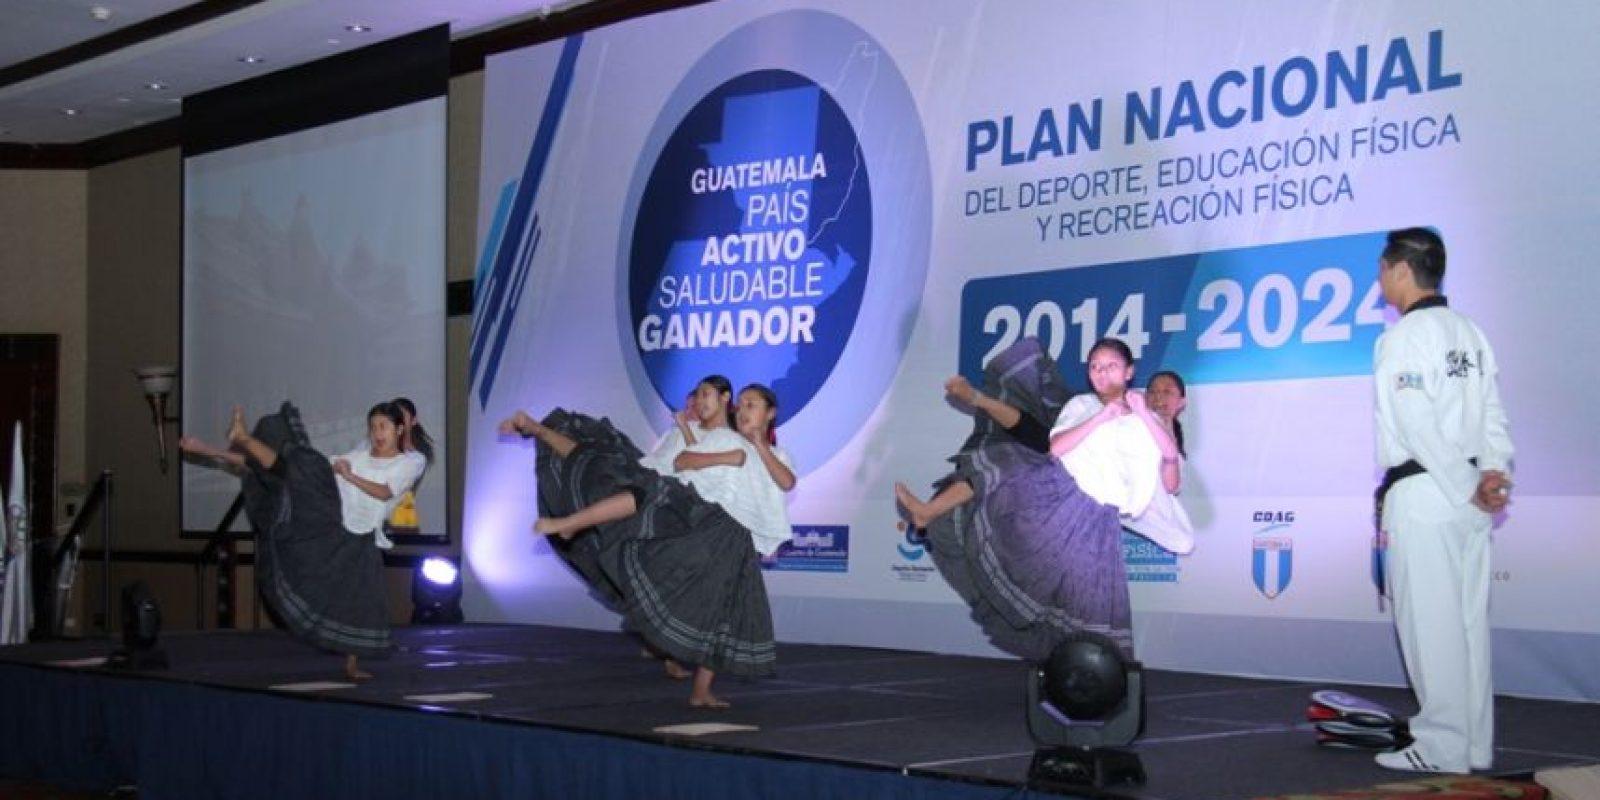 Anoche fue presentado el Plan Nacional del Deporte, Educación Física y Recreación Física 2014-2024. Foto:Prensa Digef